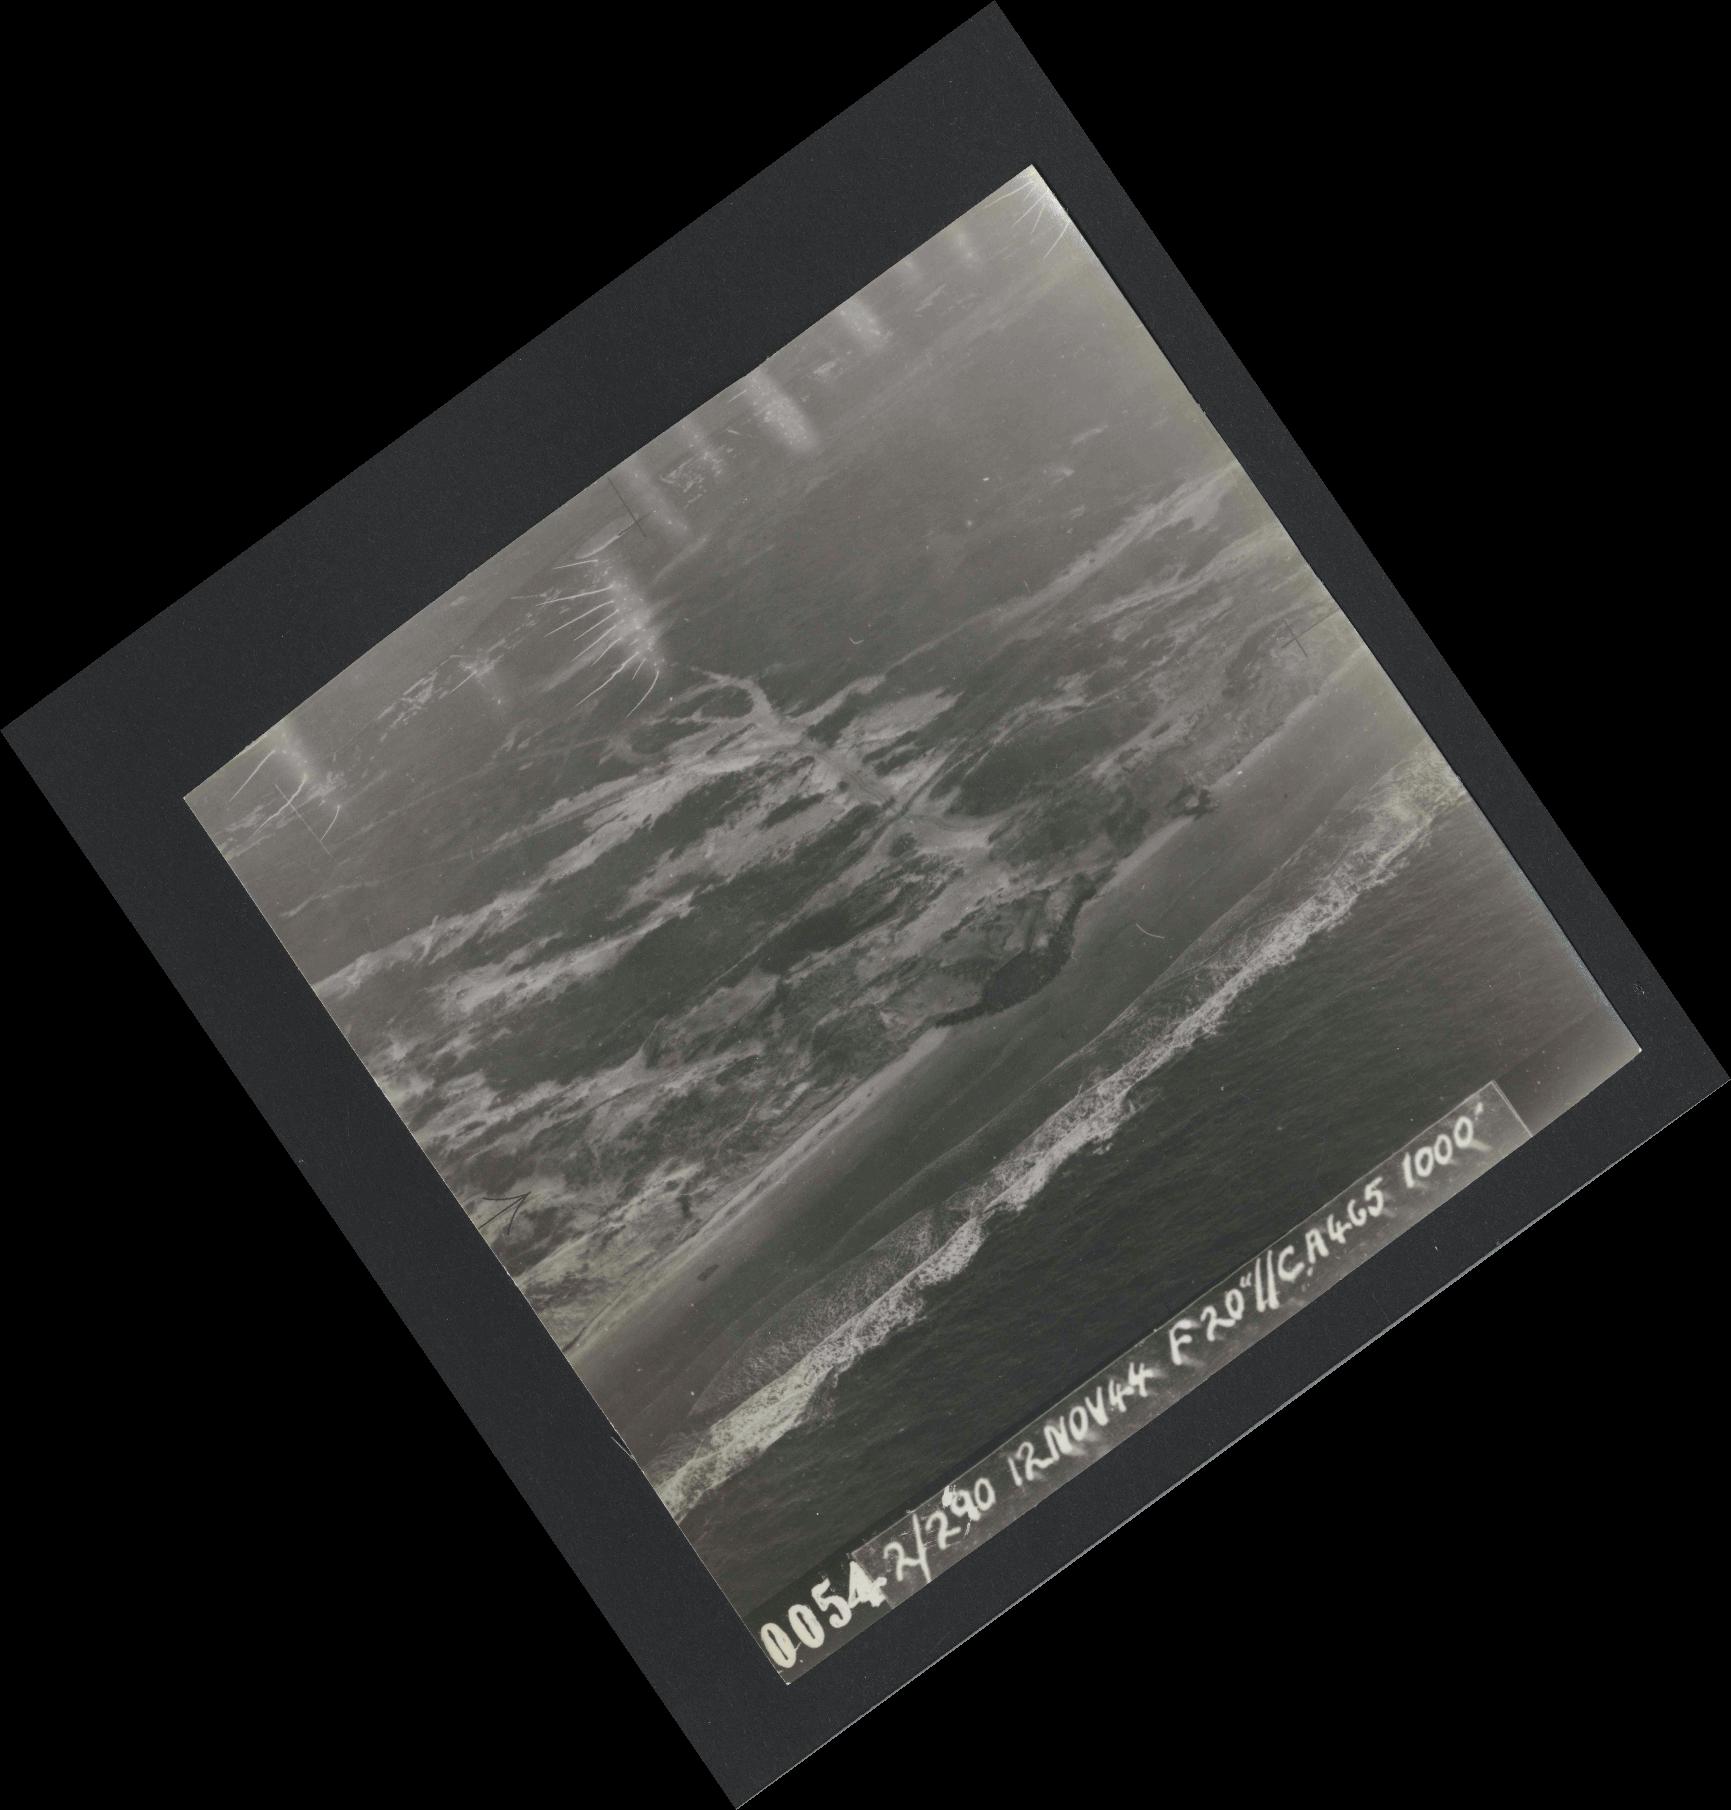 Collection RAF aerial photos 1940-1945 - flight 554, run 01, photo 0054